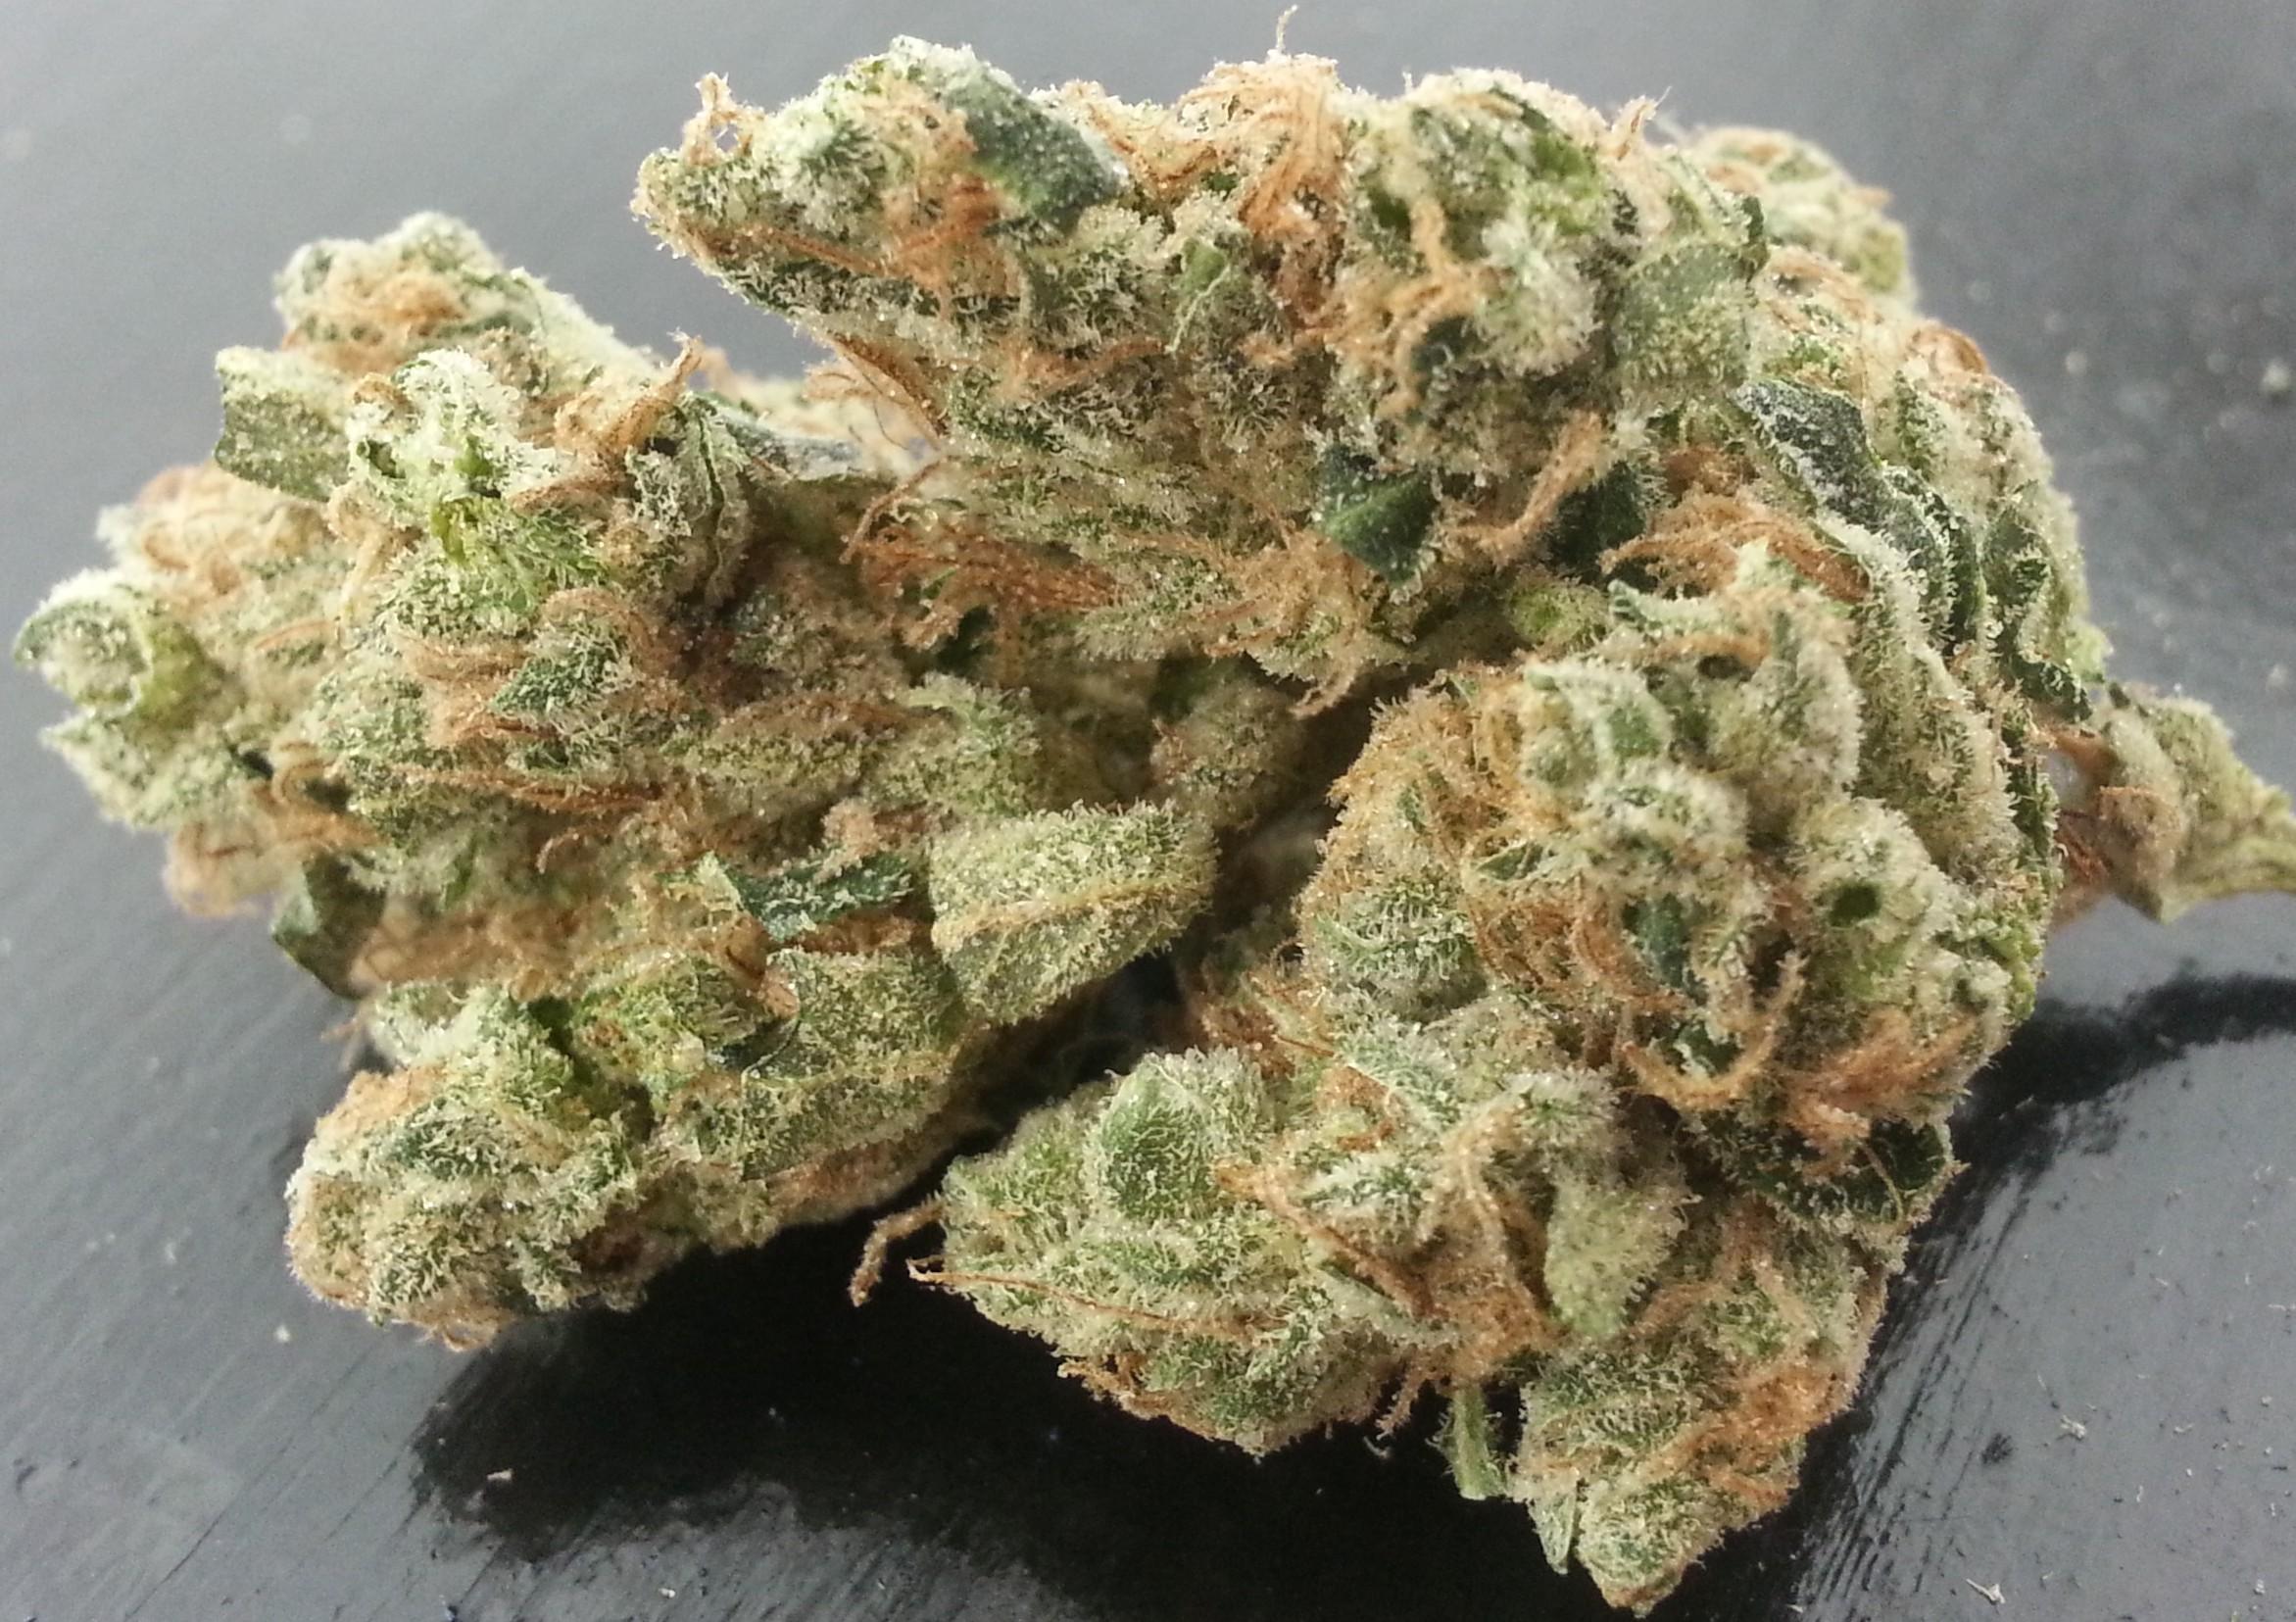 sour-diesel-weed